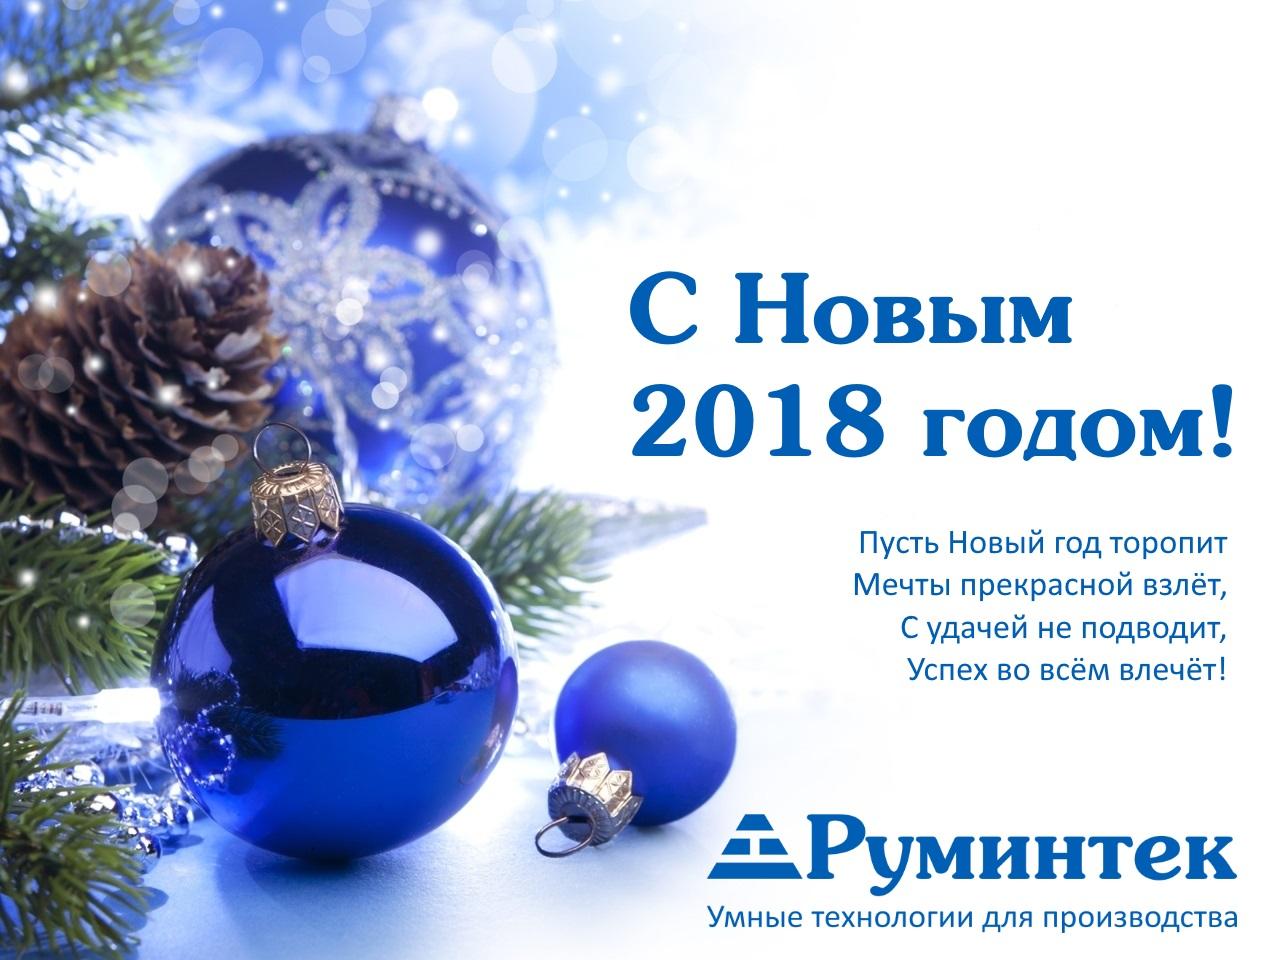 Руминтек с Новым 2018 годом